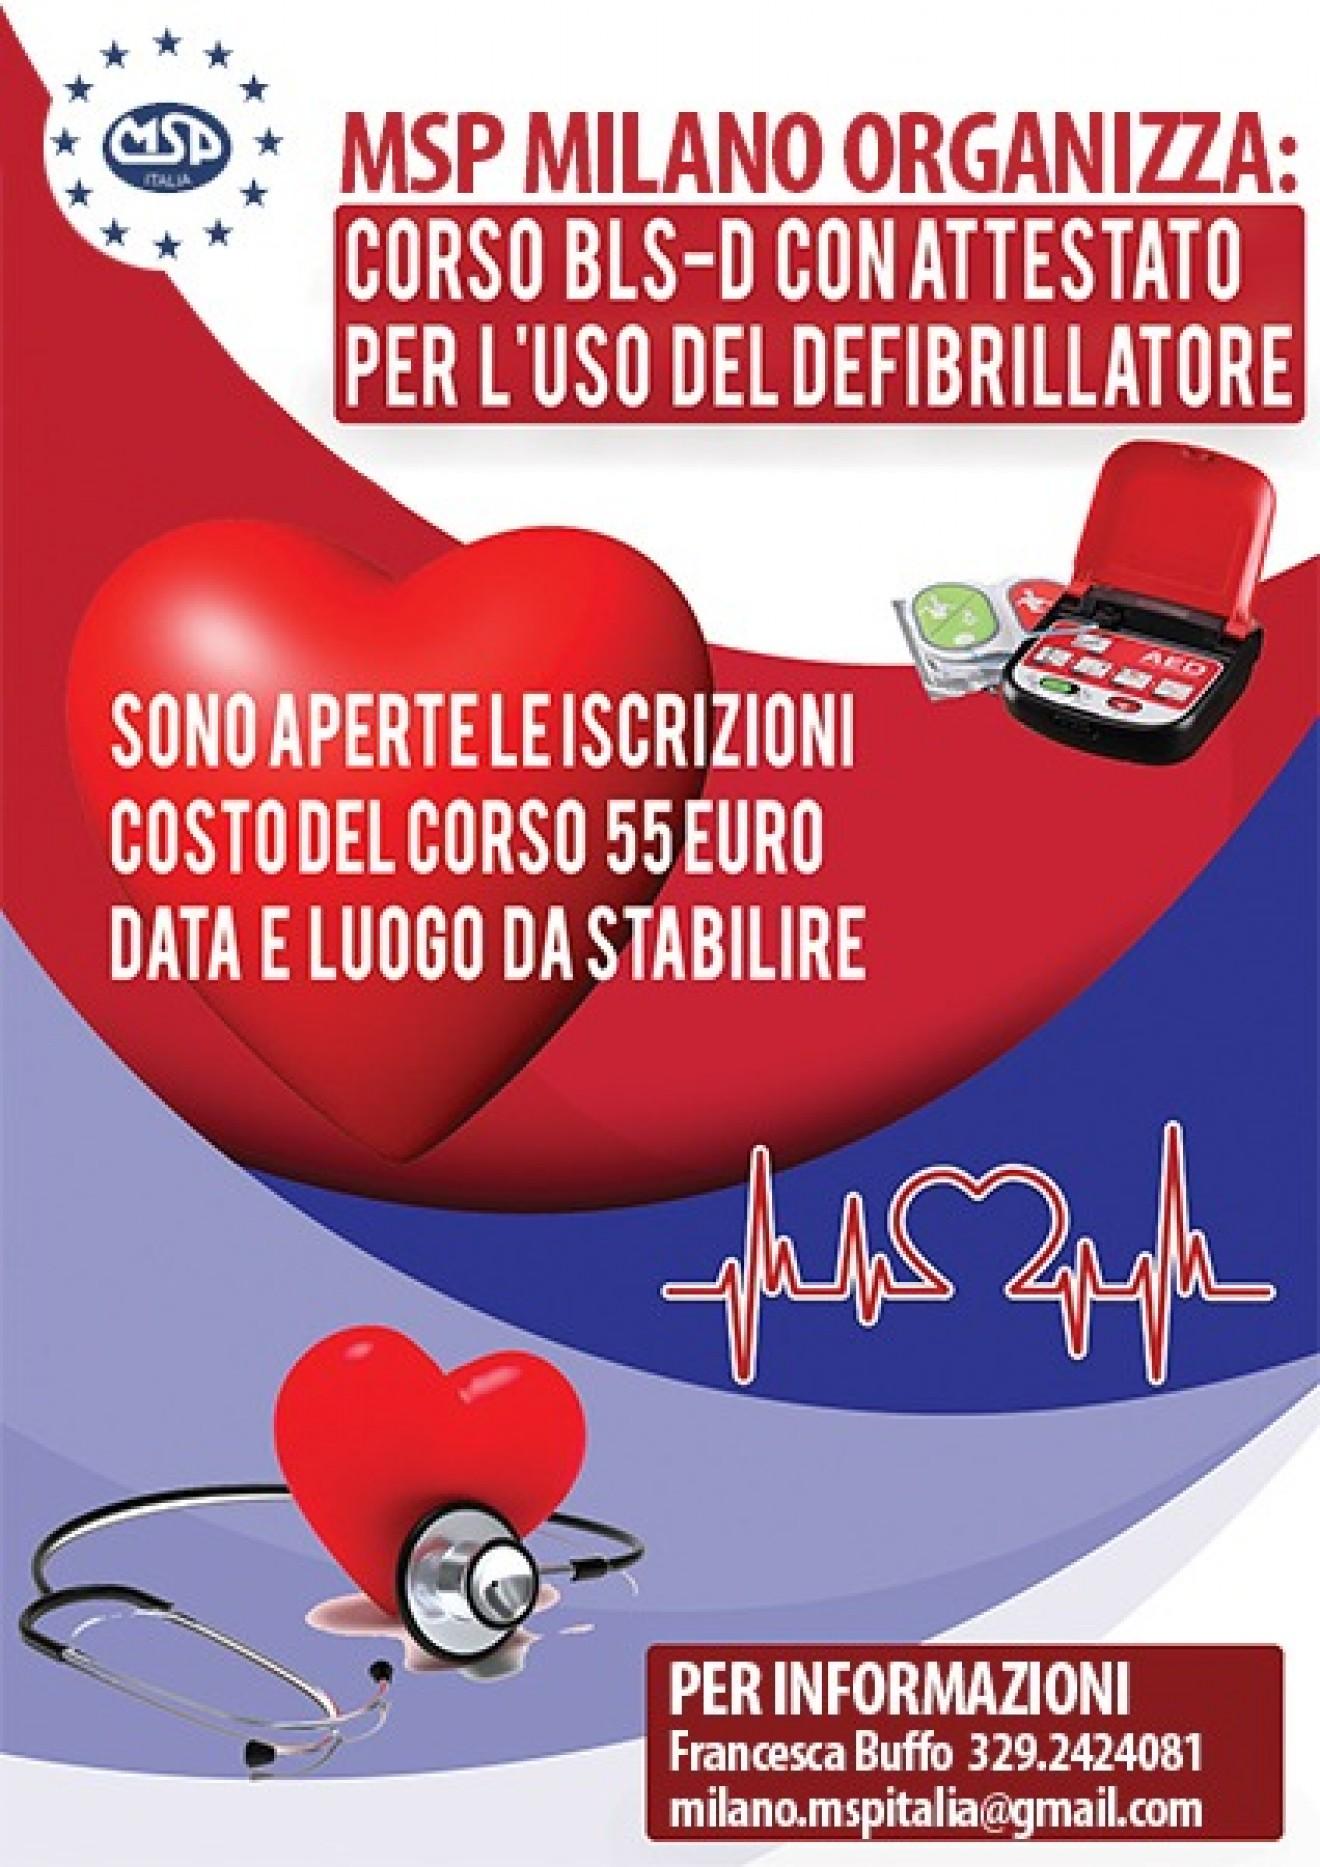 CORSO BLS-D CON ATTESTATO – per l'uso del defibrillatore